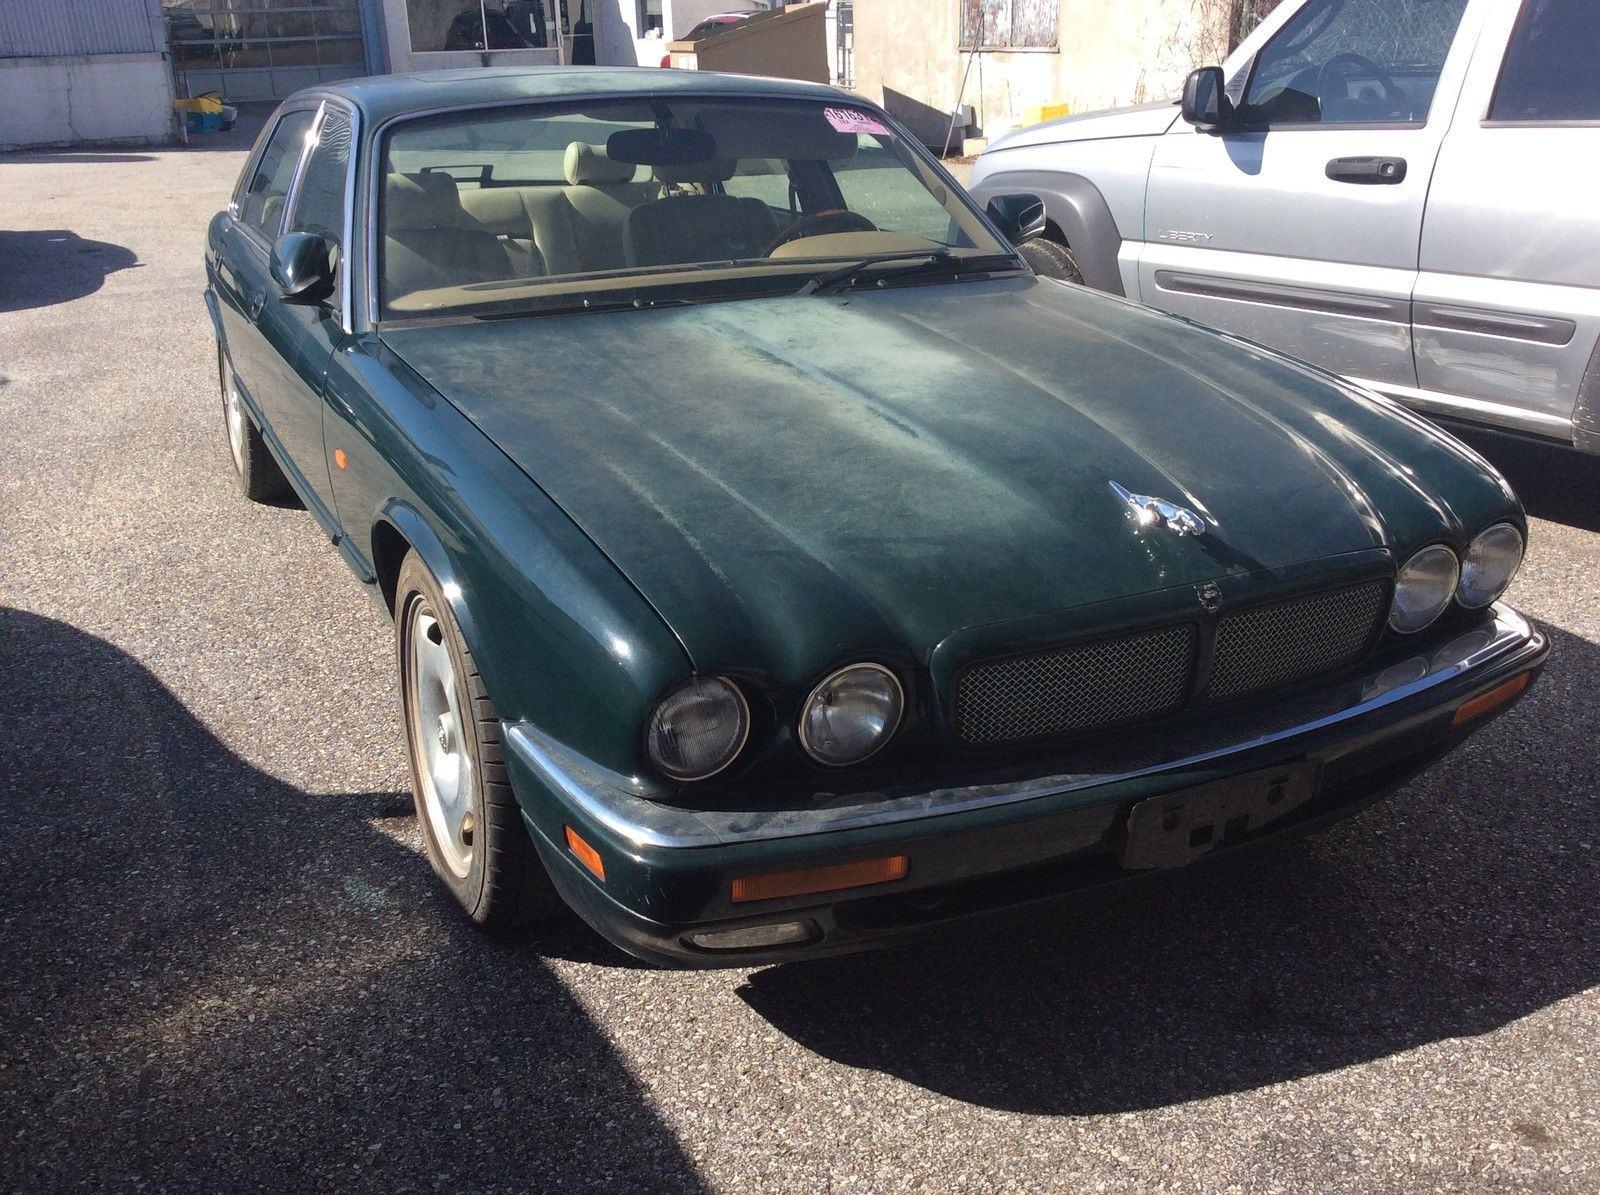 Auto Parts For Sale Redding California: 1996 Jaguar XJR (project Car/parts Car) For Sale